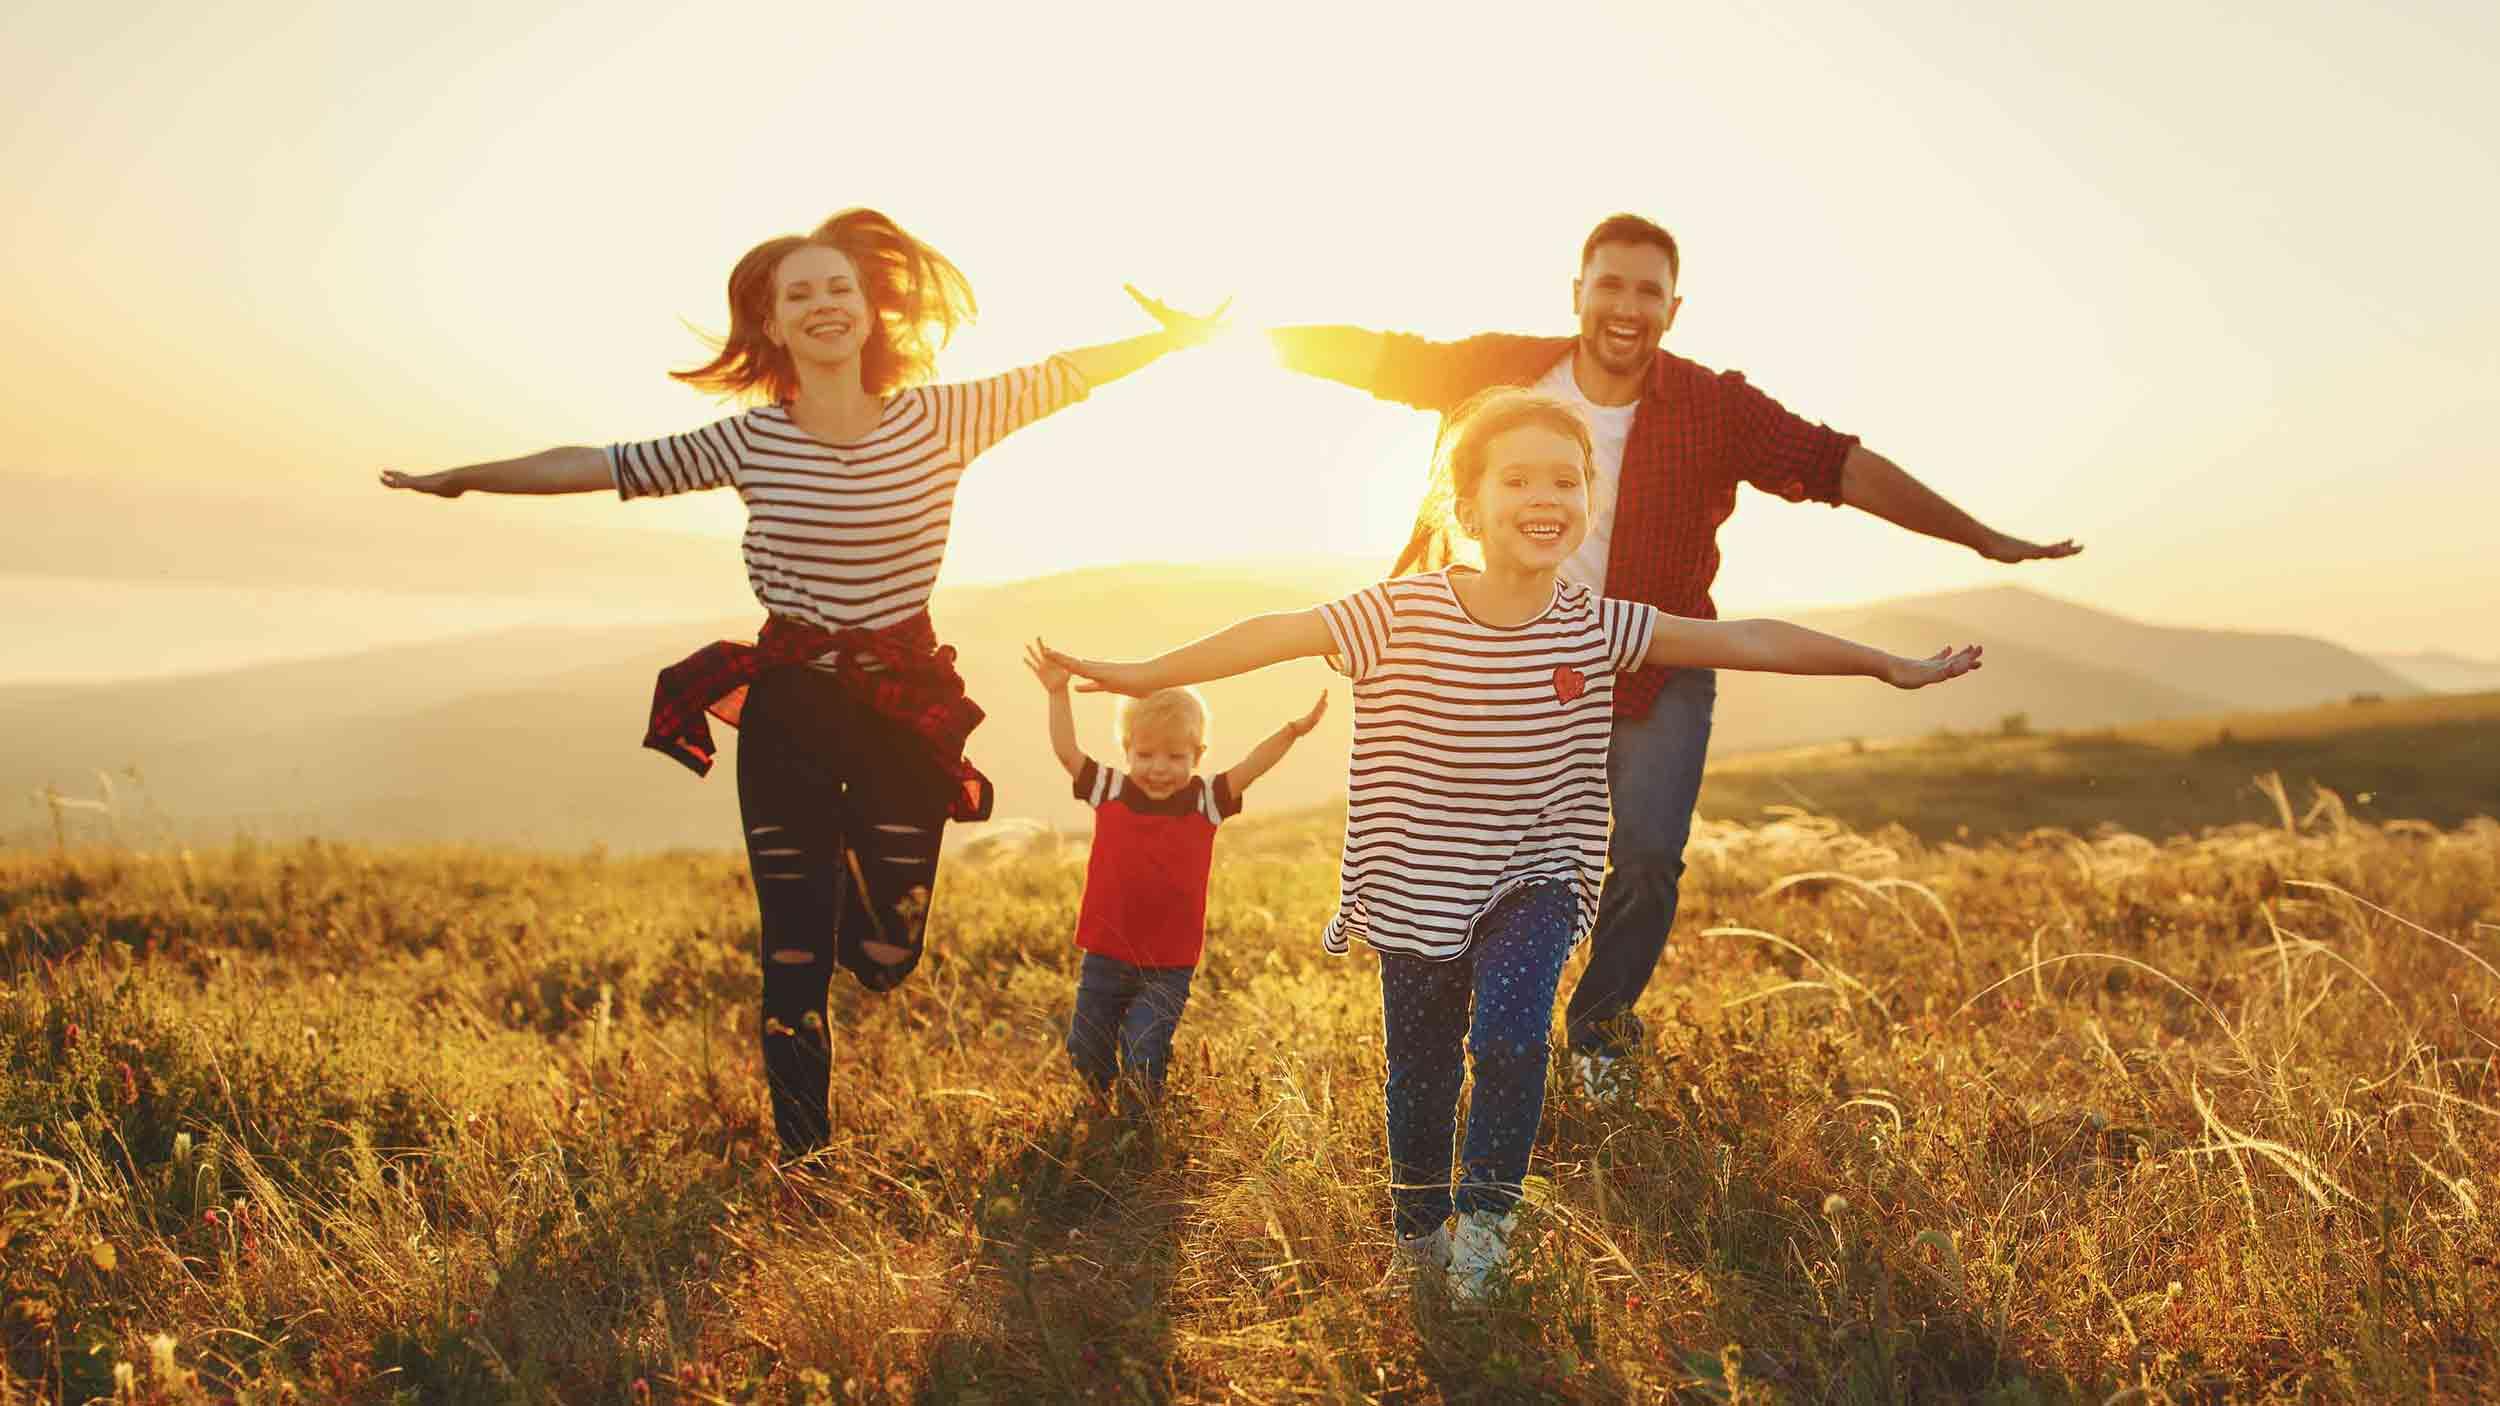 Paar mit zwei Kindern läuft bei Sonnenuntergang durch Wiese